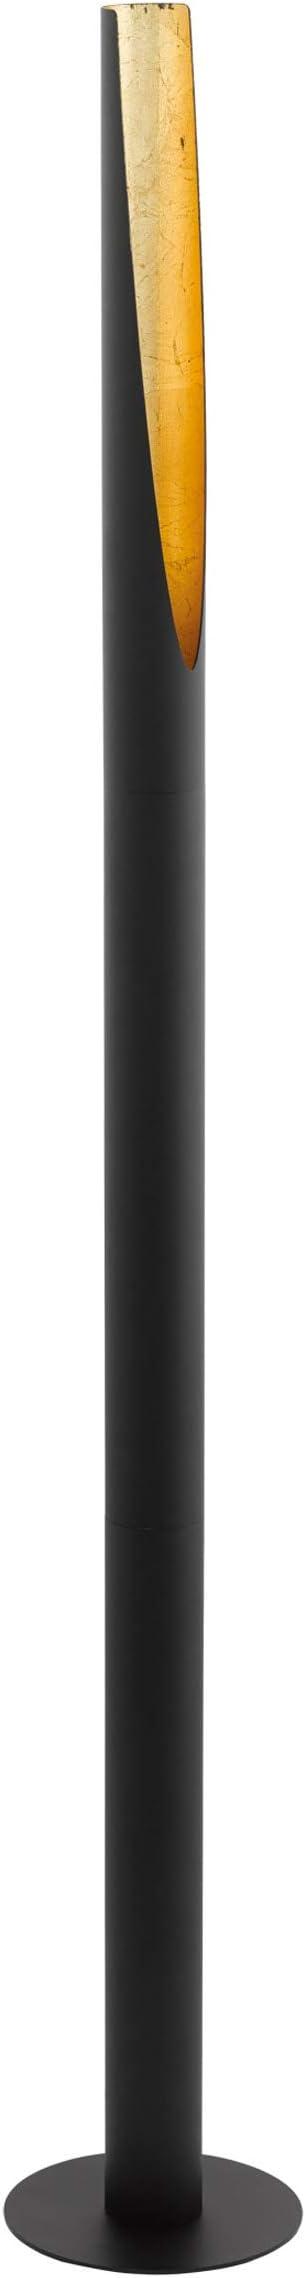 EGLO 97584 Lampe sur pied, Acier, GU10, 5 W, Noir, Or